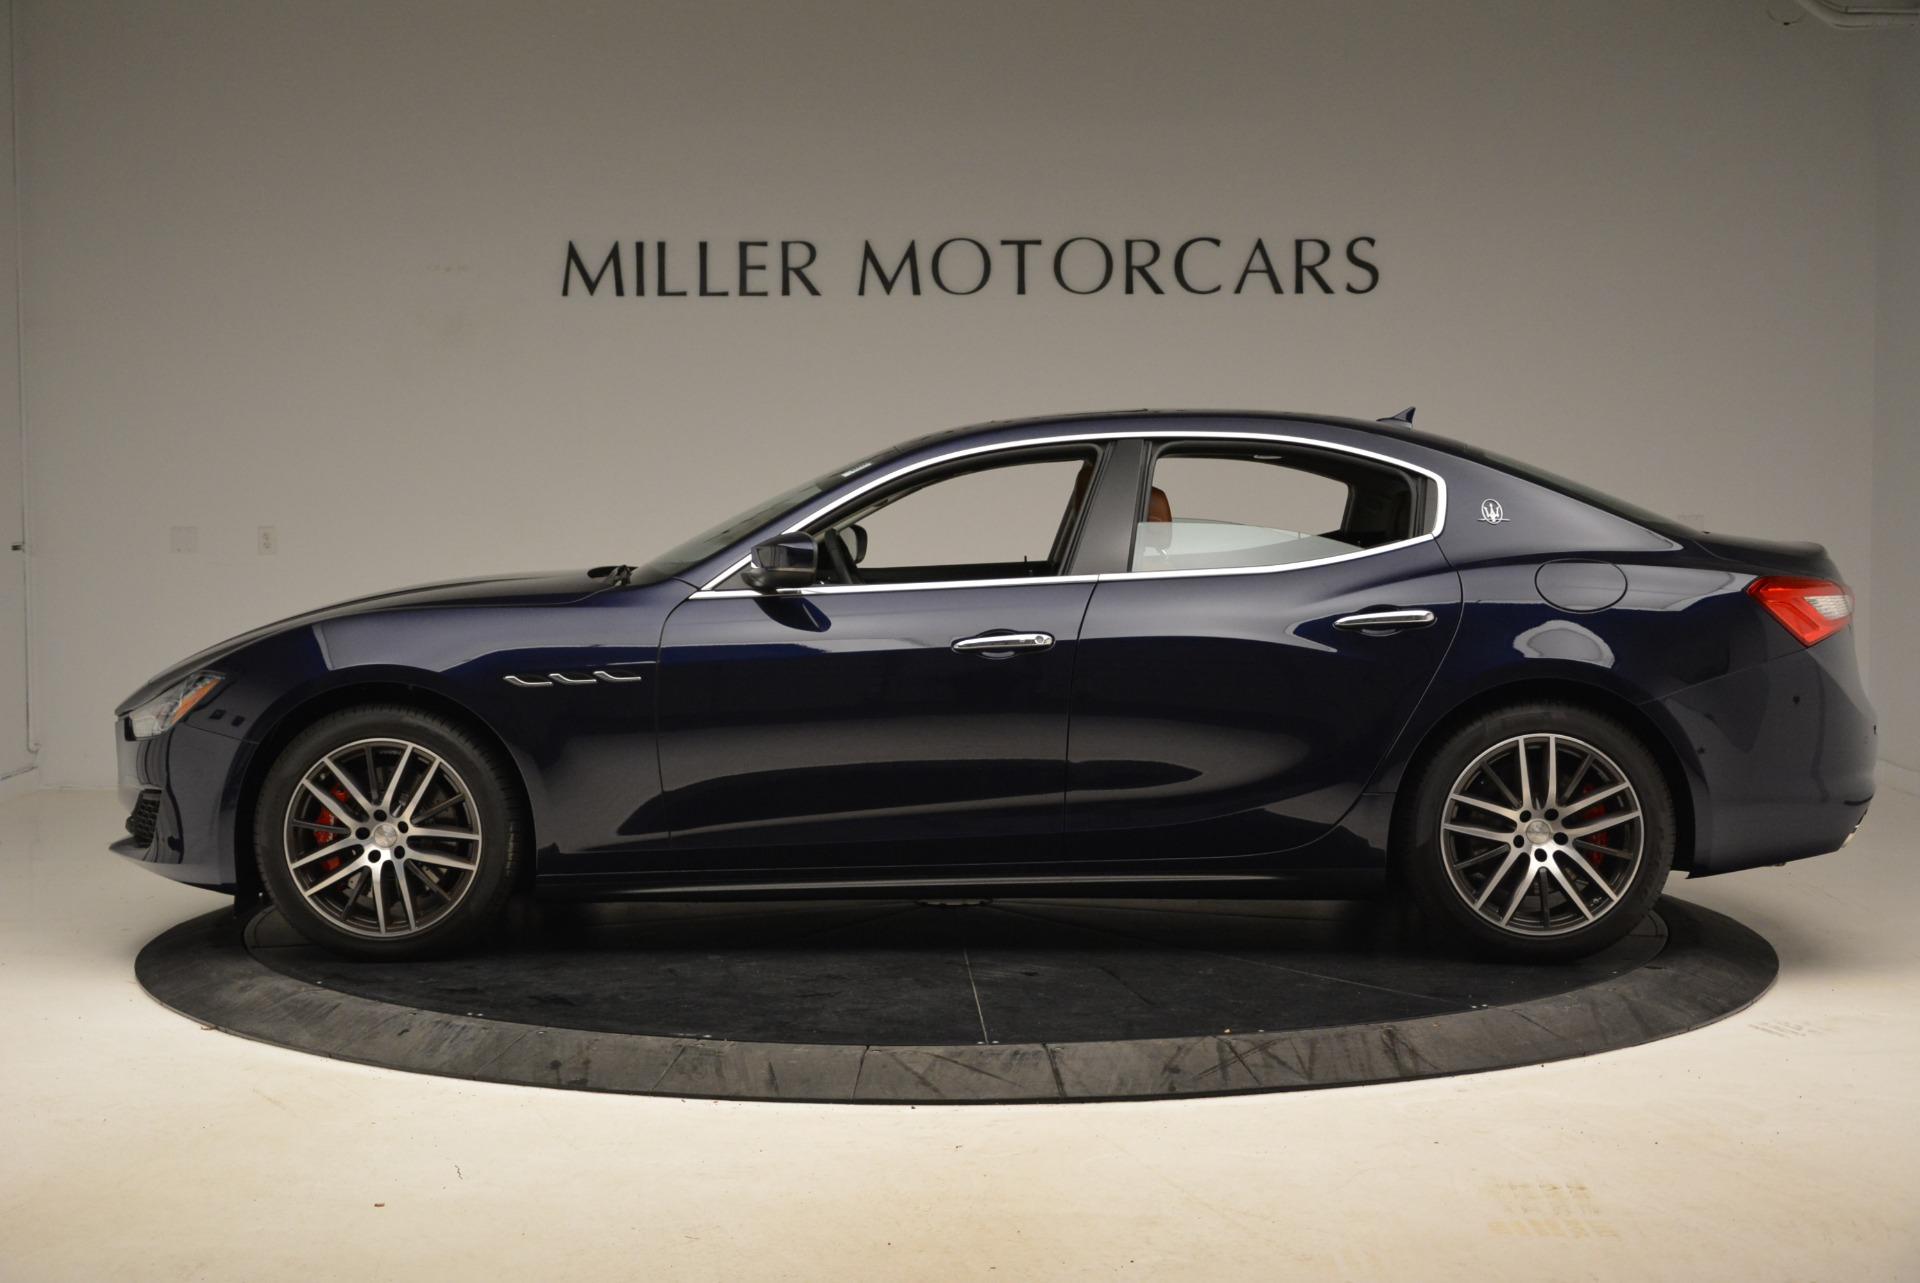 New 2019 Maserati Ghibli S Q4 For Sale In Greenwich, CT 3035_p3